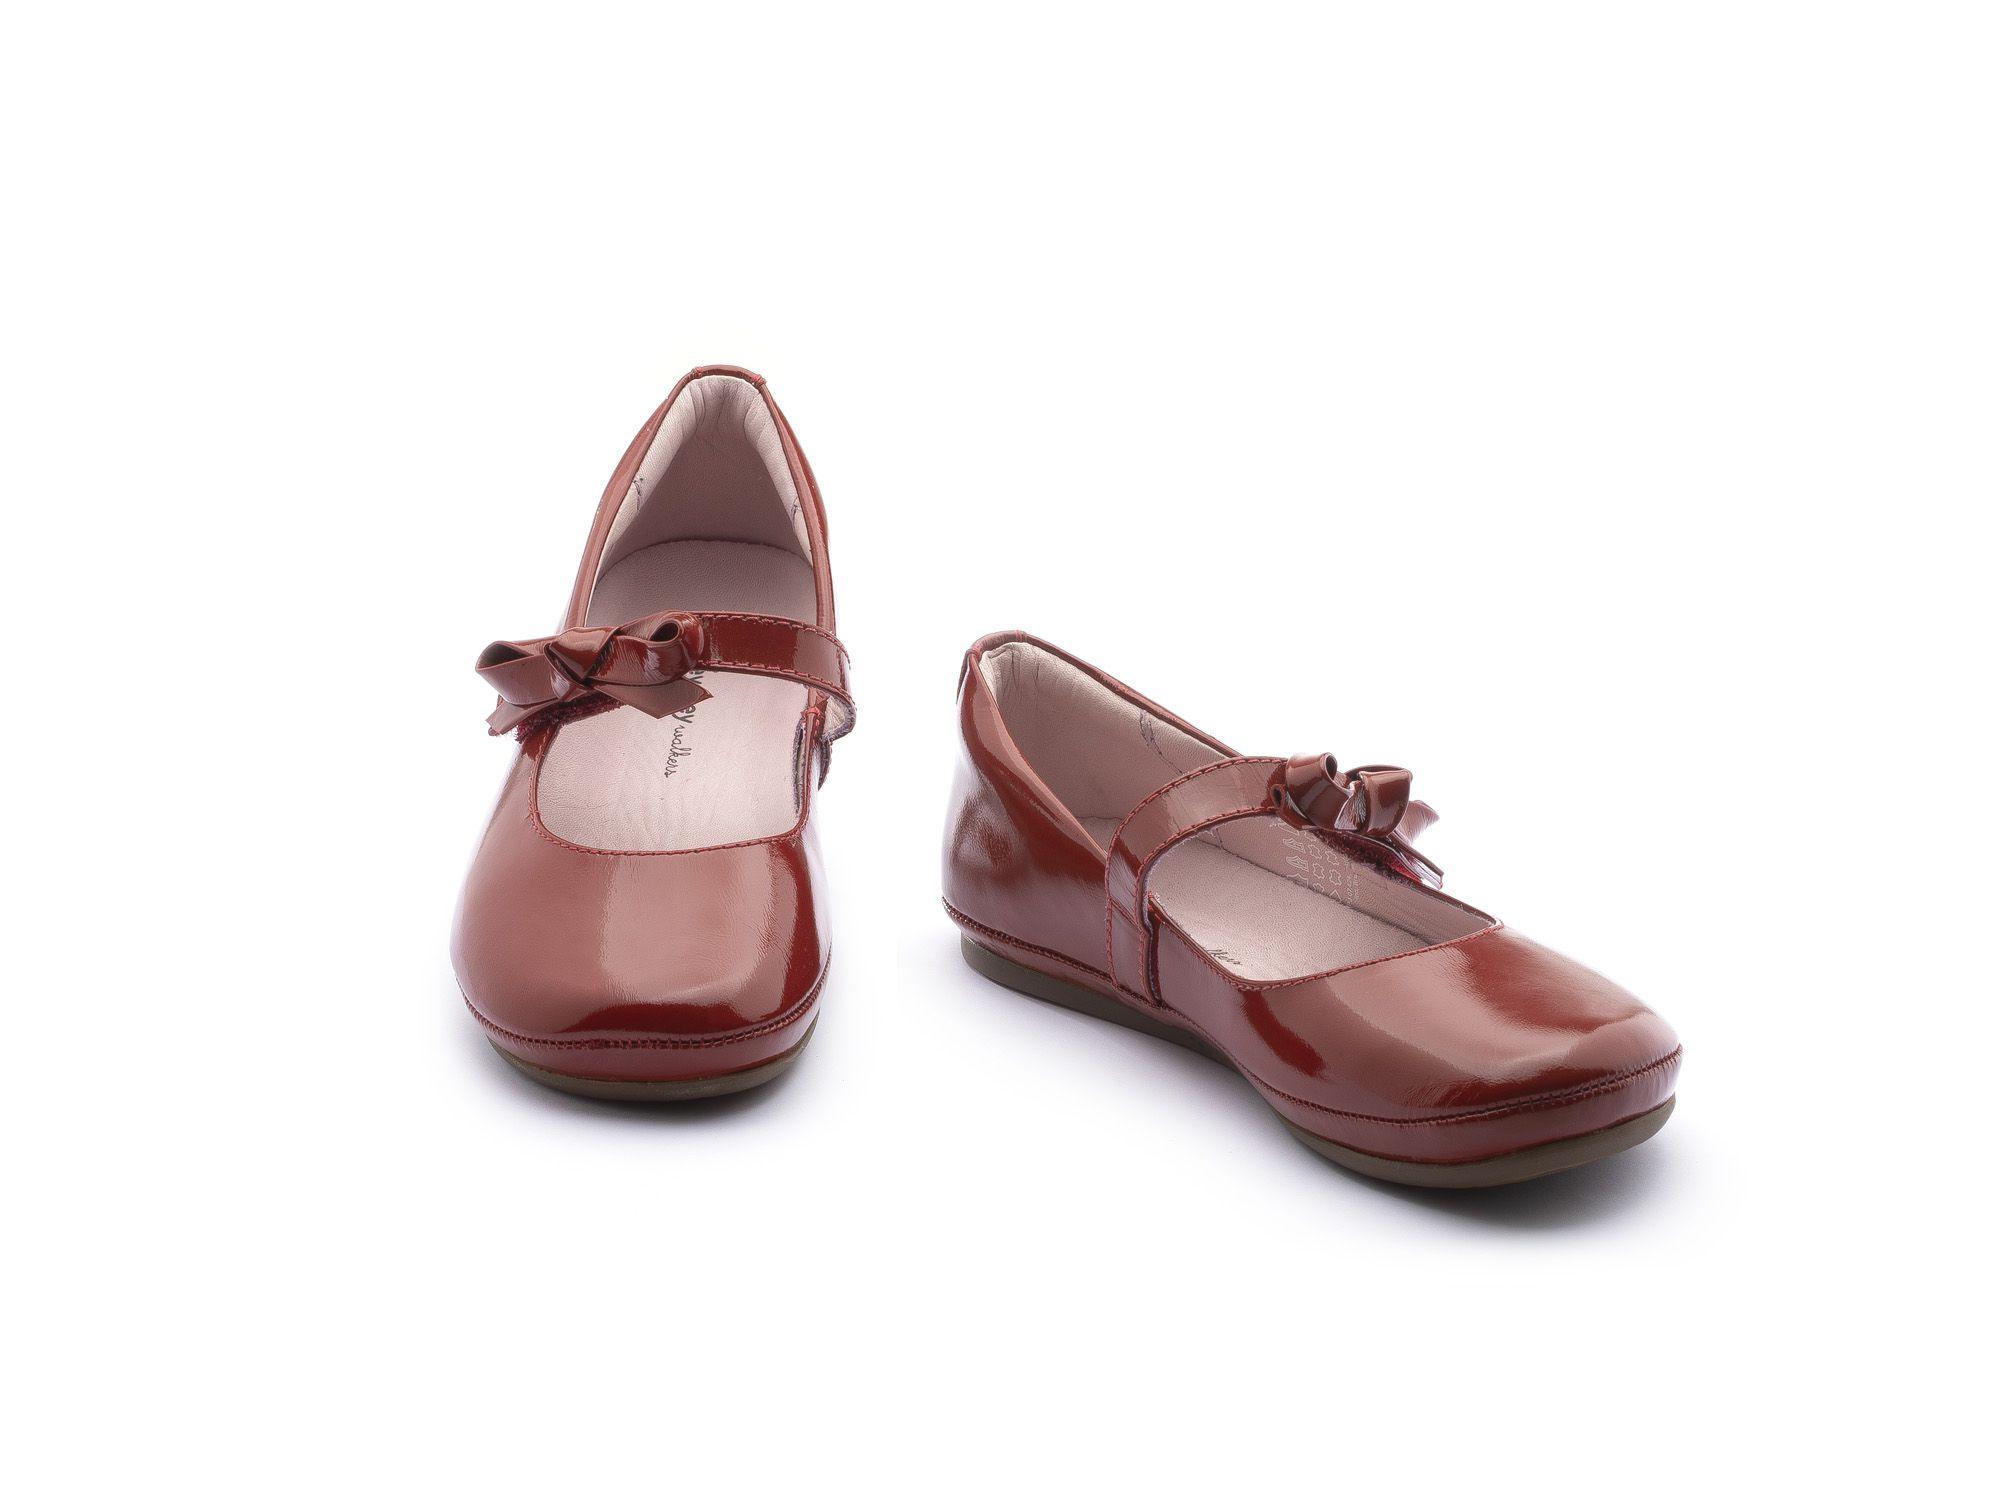 Sapato Couro Vermelho Verniz Laço Doroth Tip Toey Joey